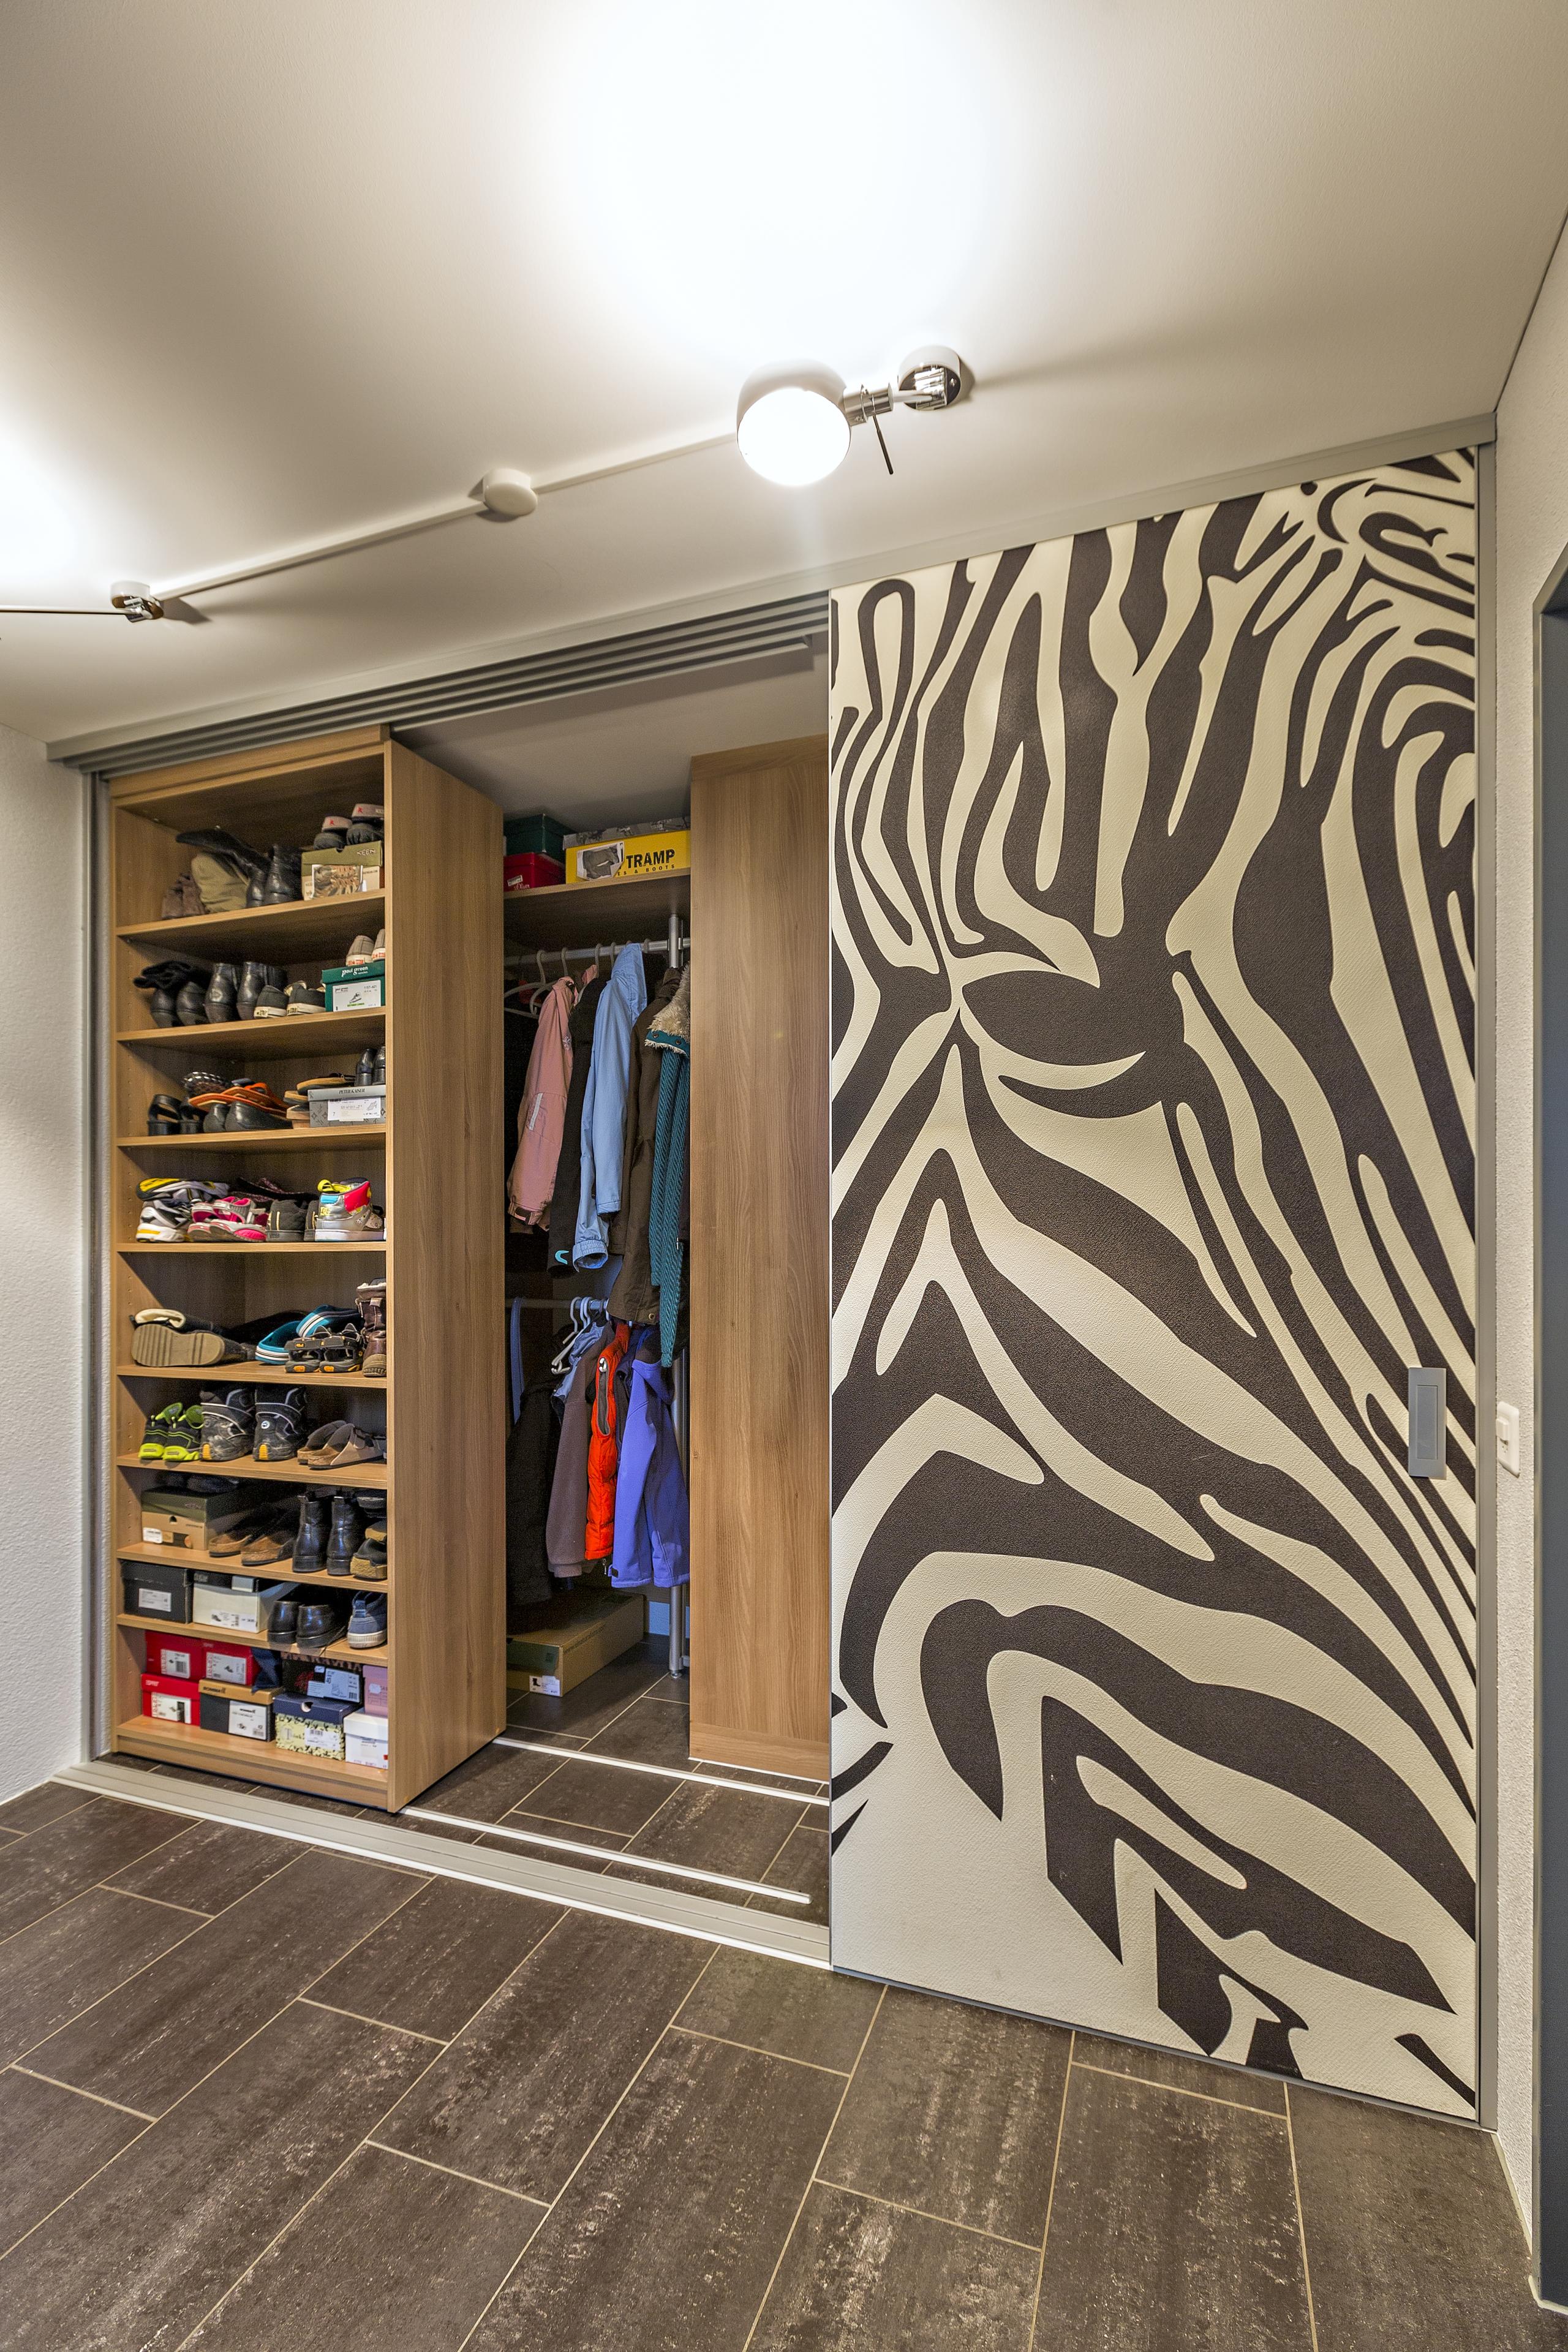 Ungewöhnlich Wohnhalle Wandgestaltung Galerie - Images for ...